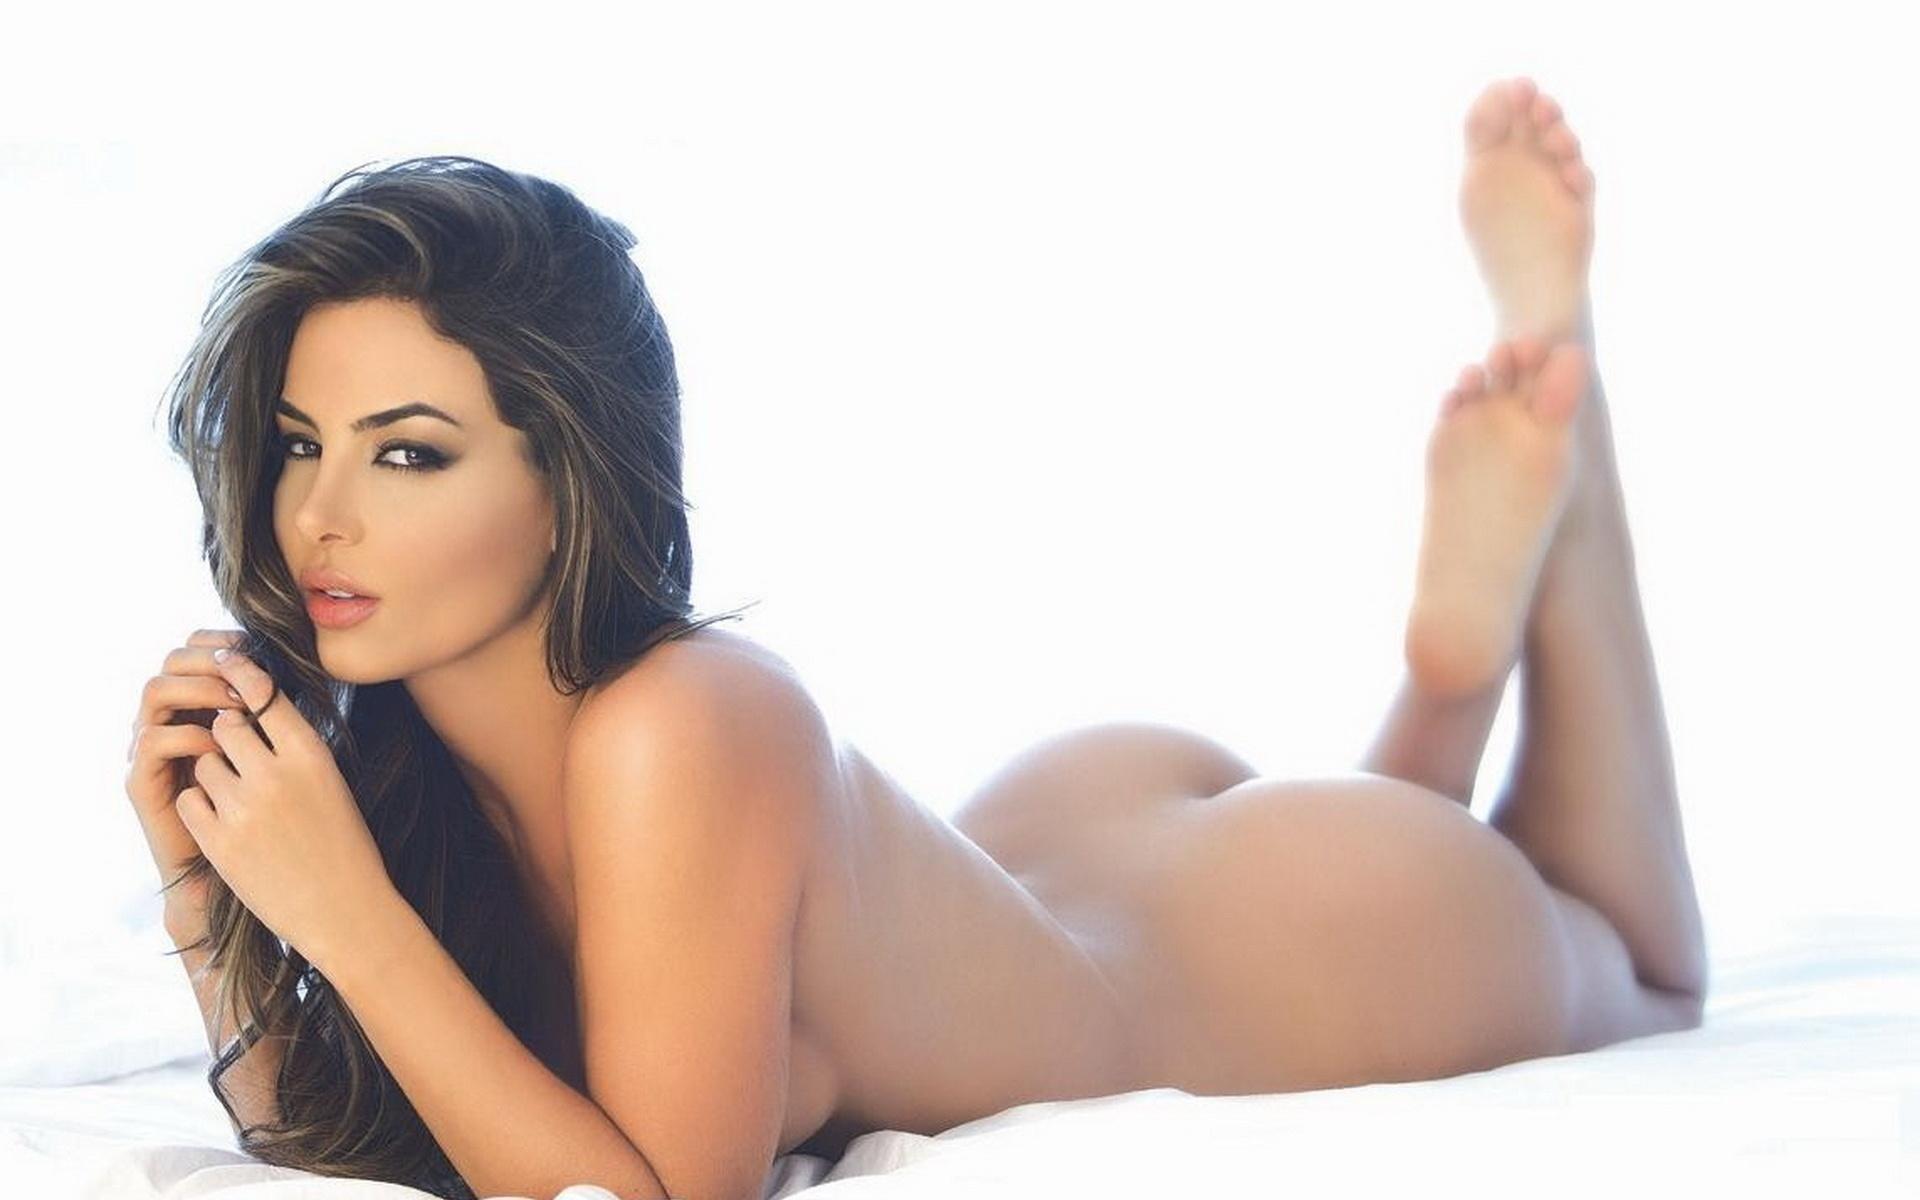 Порно фото бесплатно Секс картинки XXX